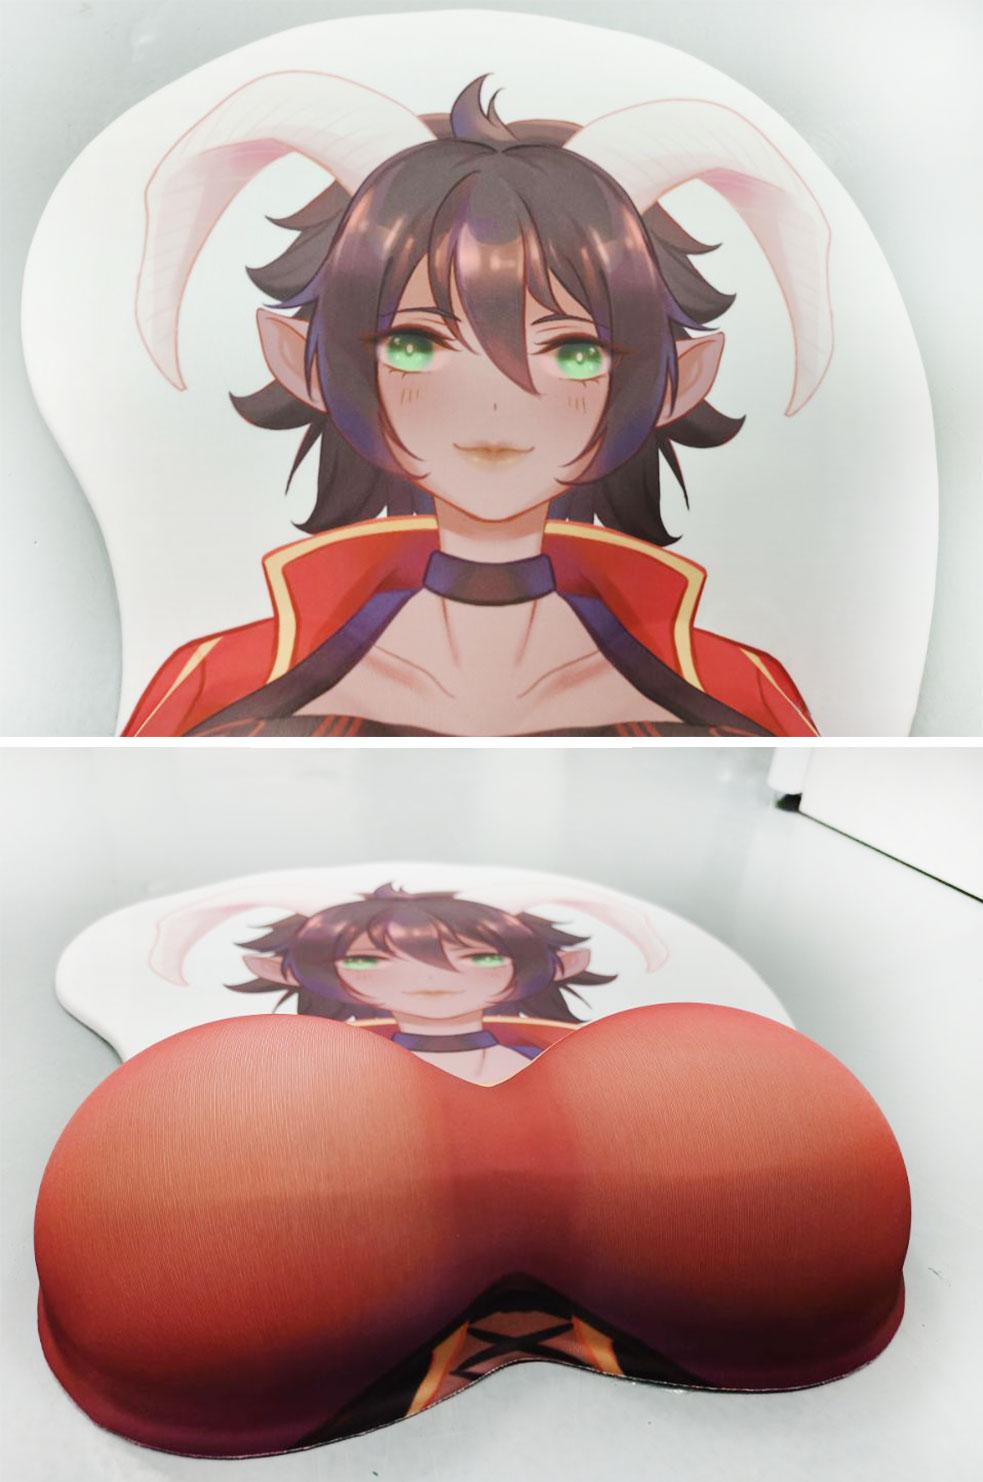 camie utsushimi life size oppai mousepad 8630 - Anime Mousepads